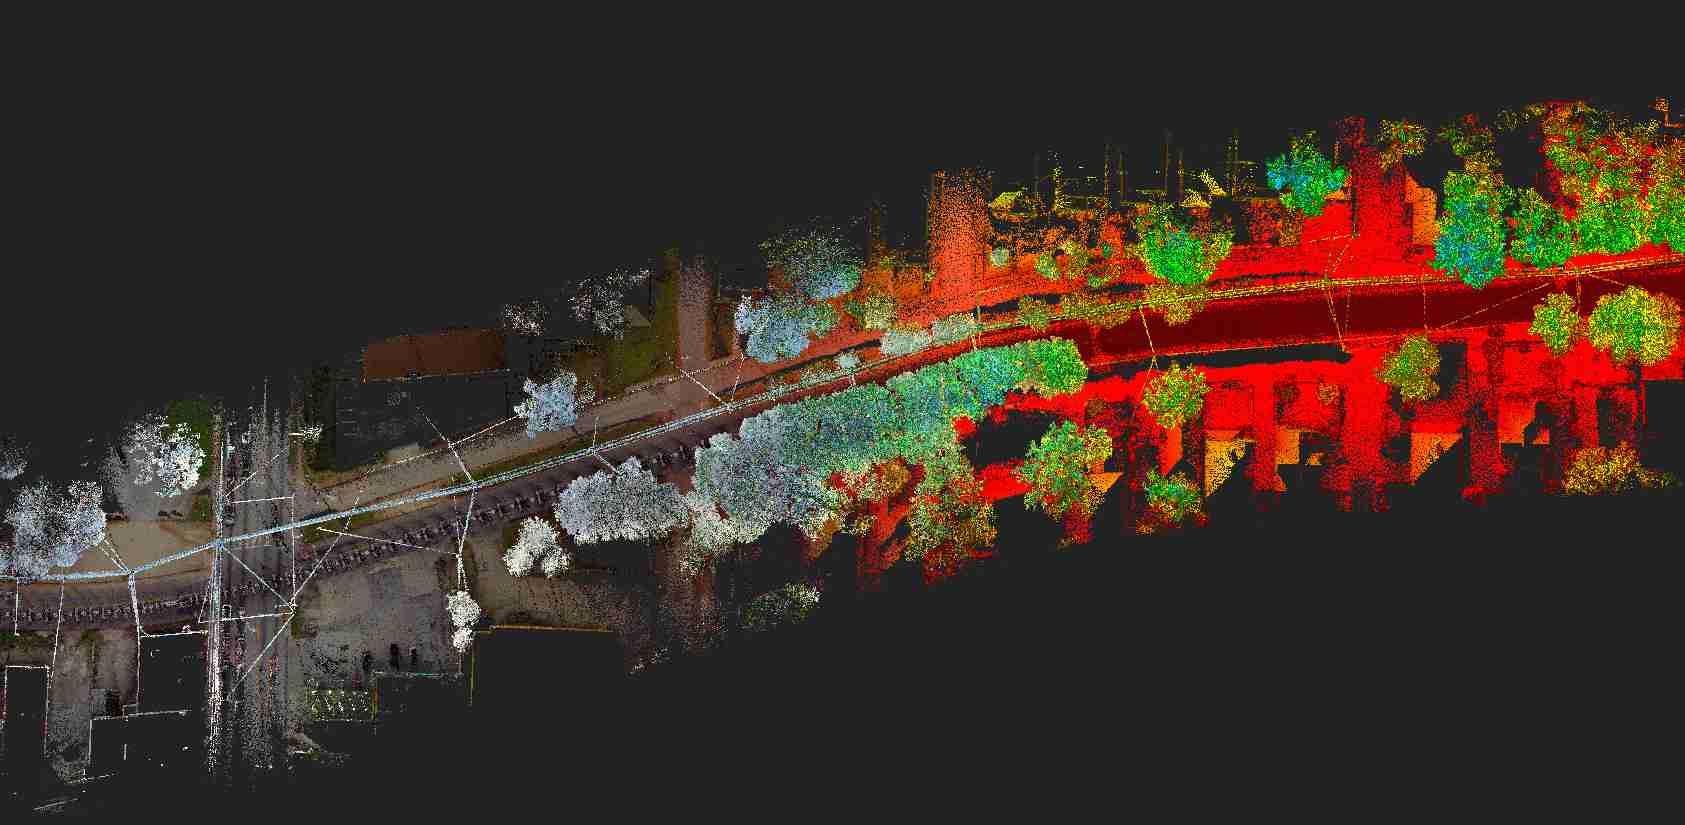 Numérisation laser 3D d'une route par LiDAR mobile installé sur un véhicule